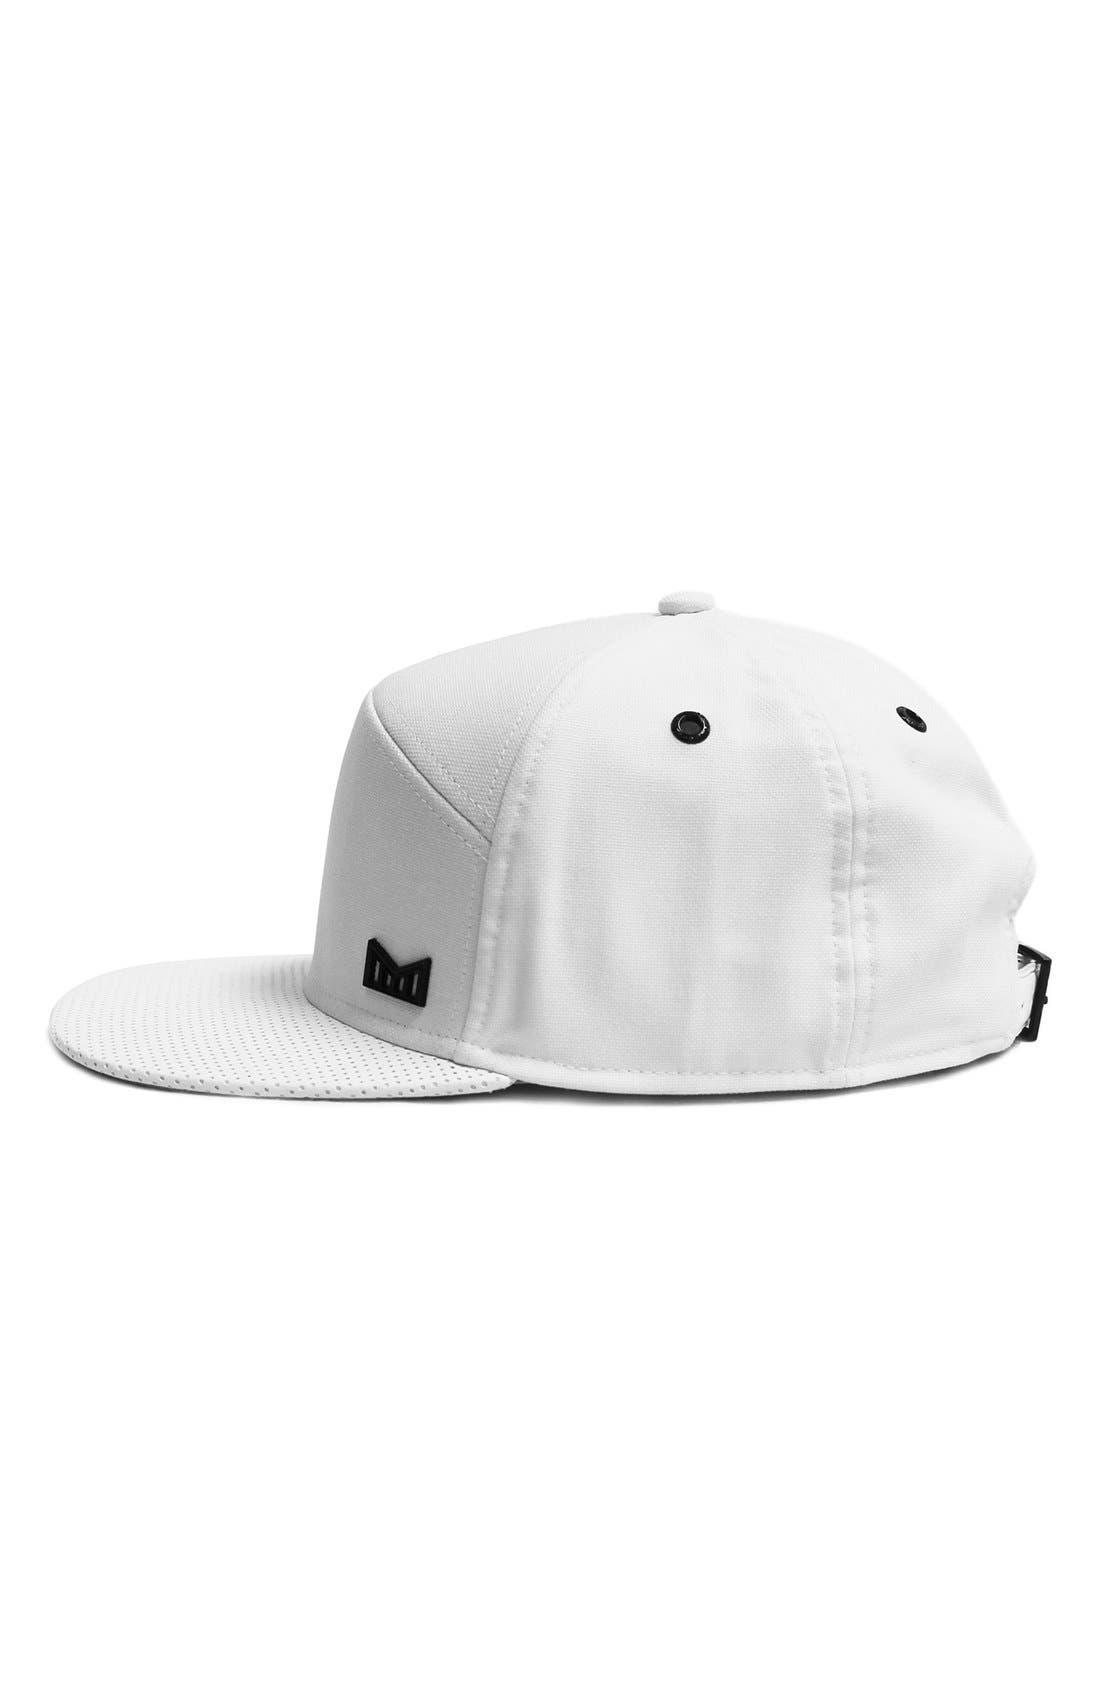 'The Vision' Horizon Fit Flat Brim Baseball Cap,                             Alternate thumbnail 3, color,                             White